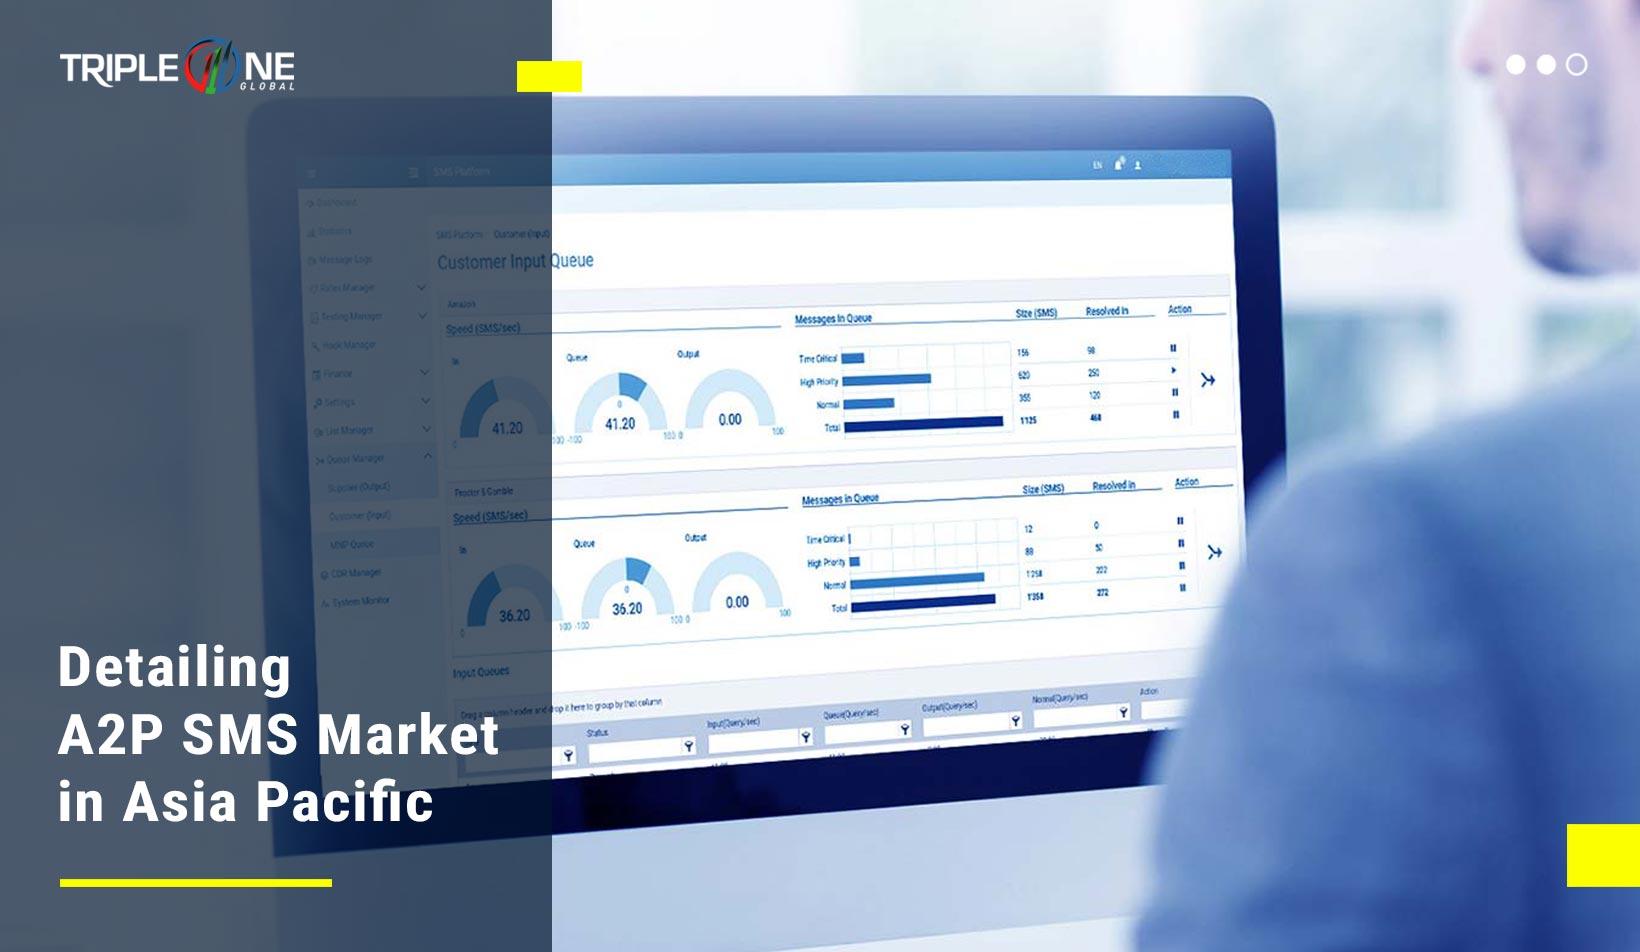 A2P market